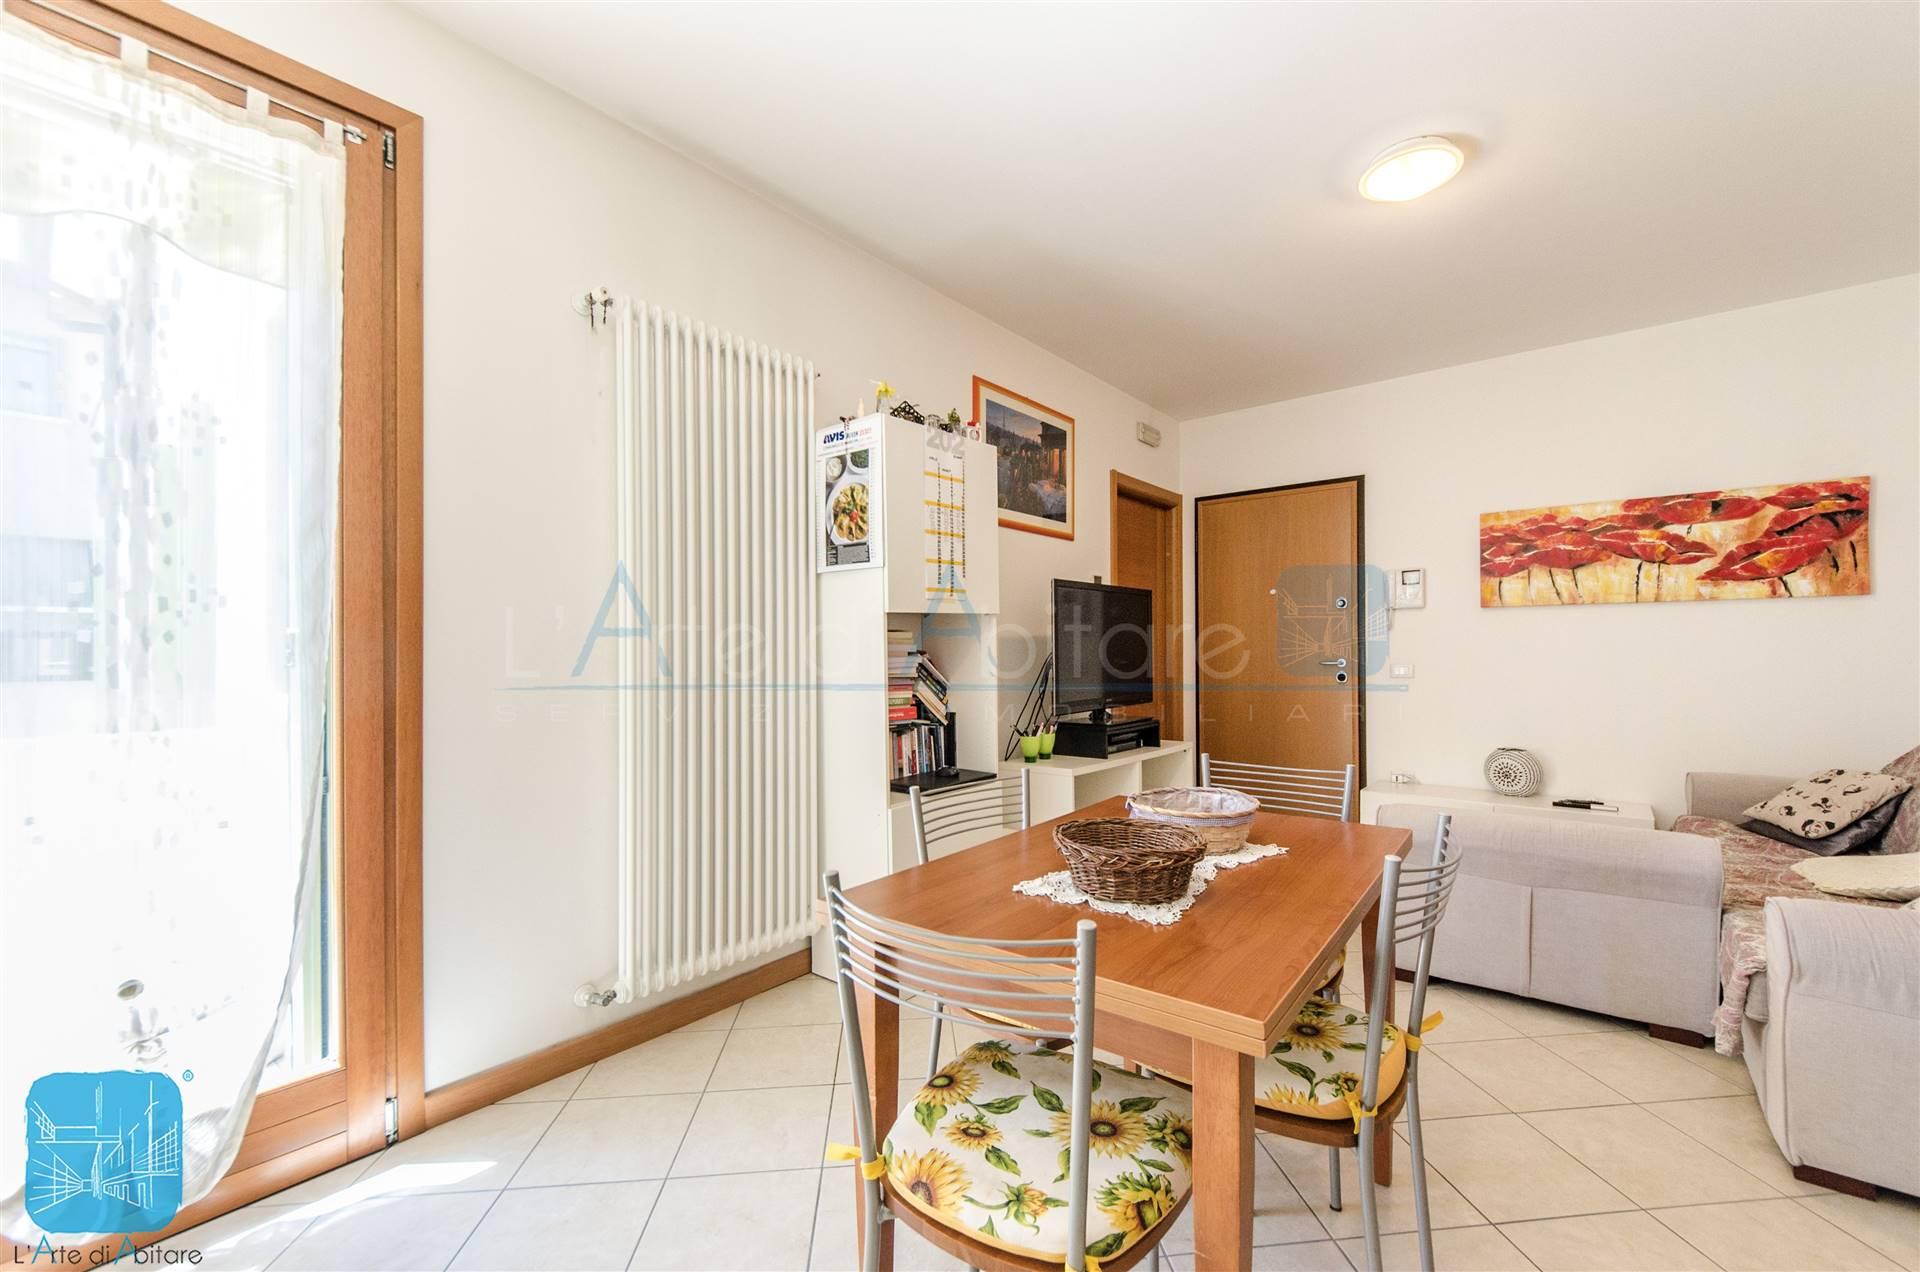 Appartamento in vendita a Marcon, 3 locali, prezzo € 109.000 | PortaleAgenzieImmobiliari.it